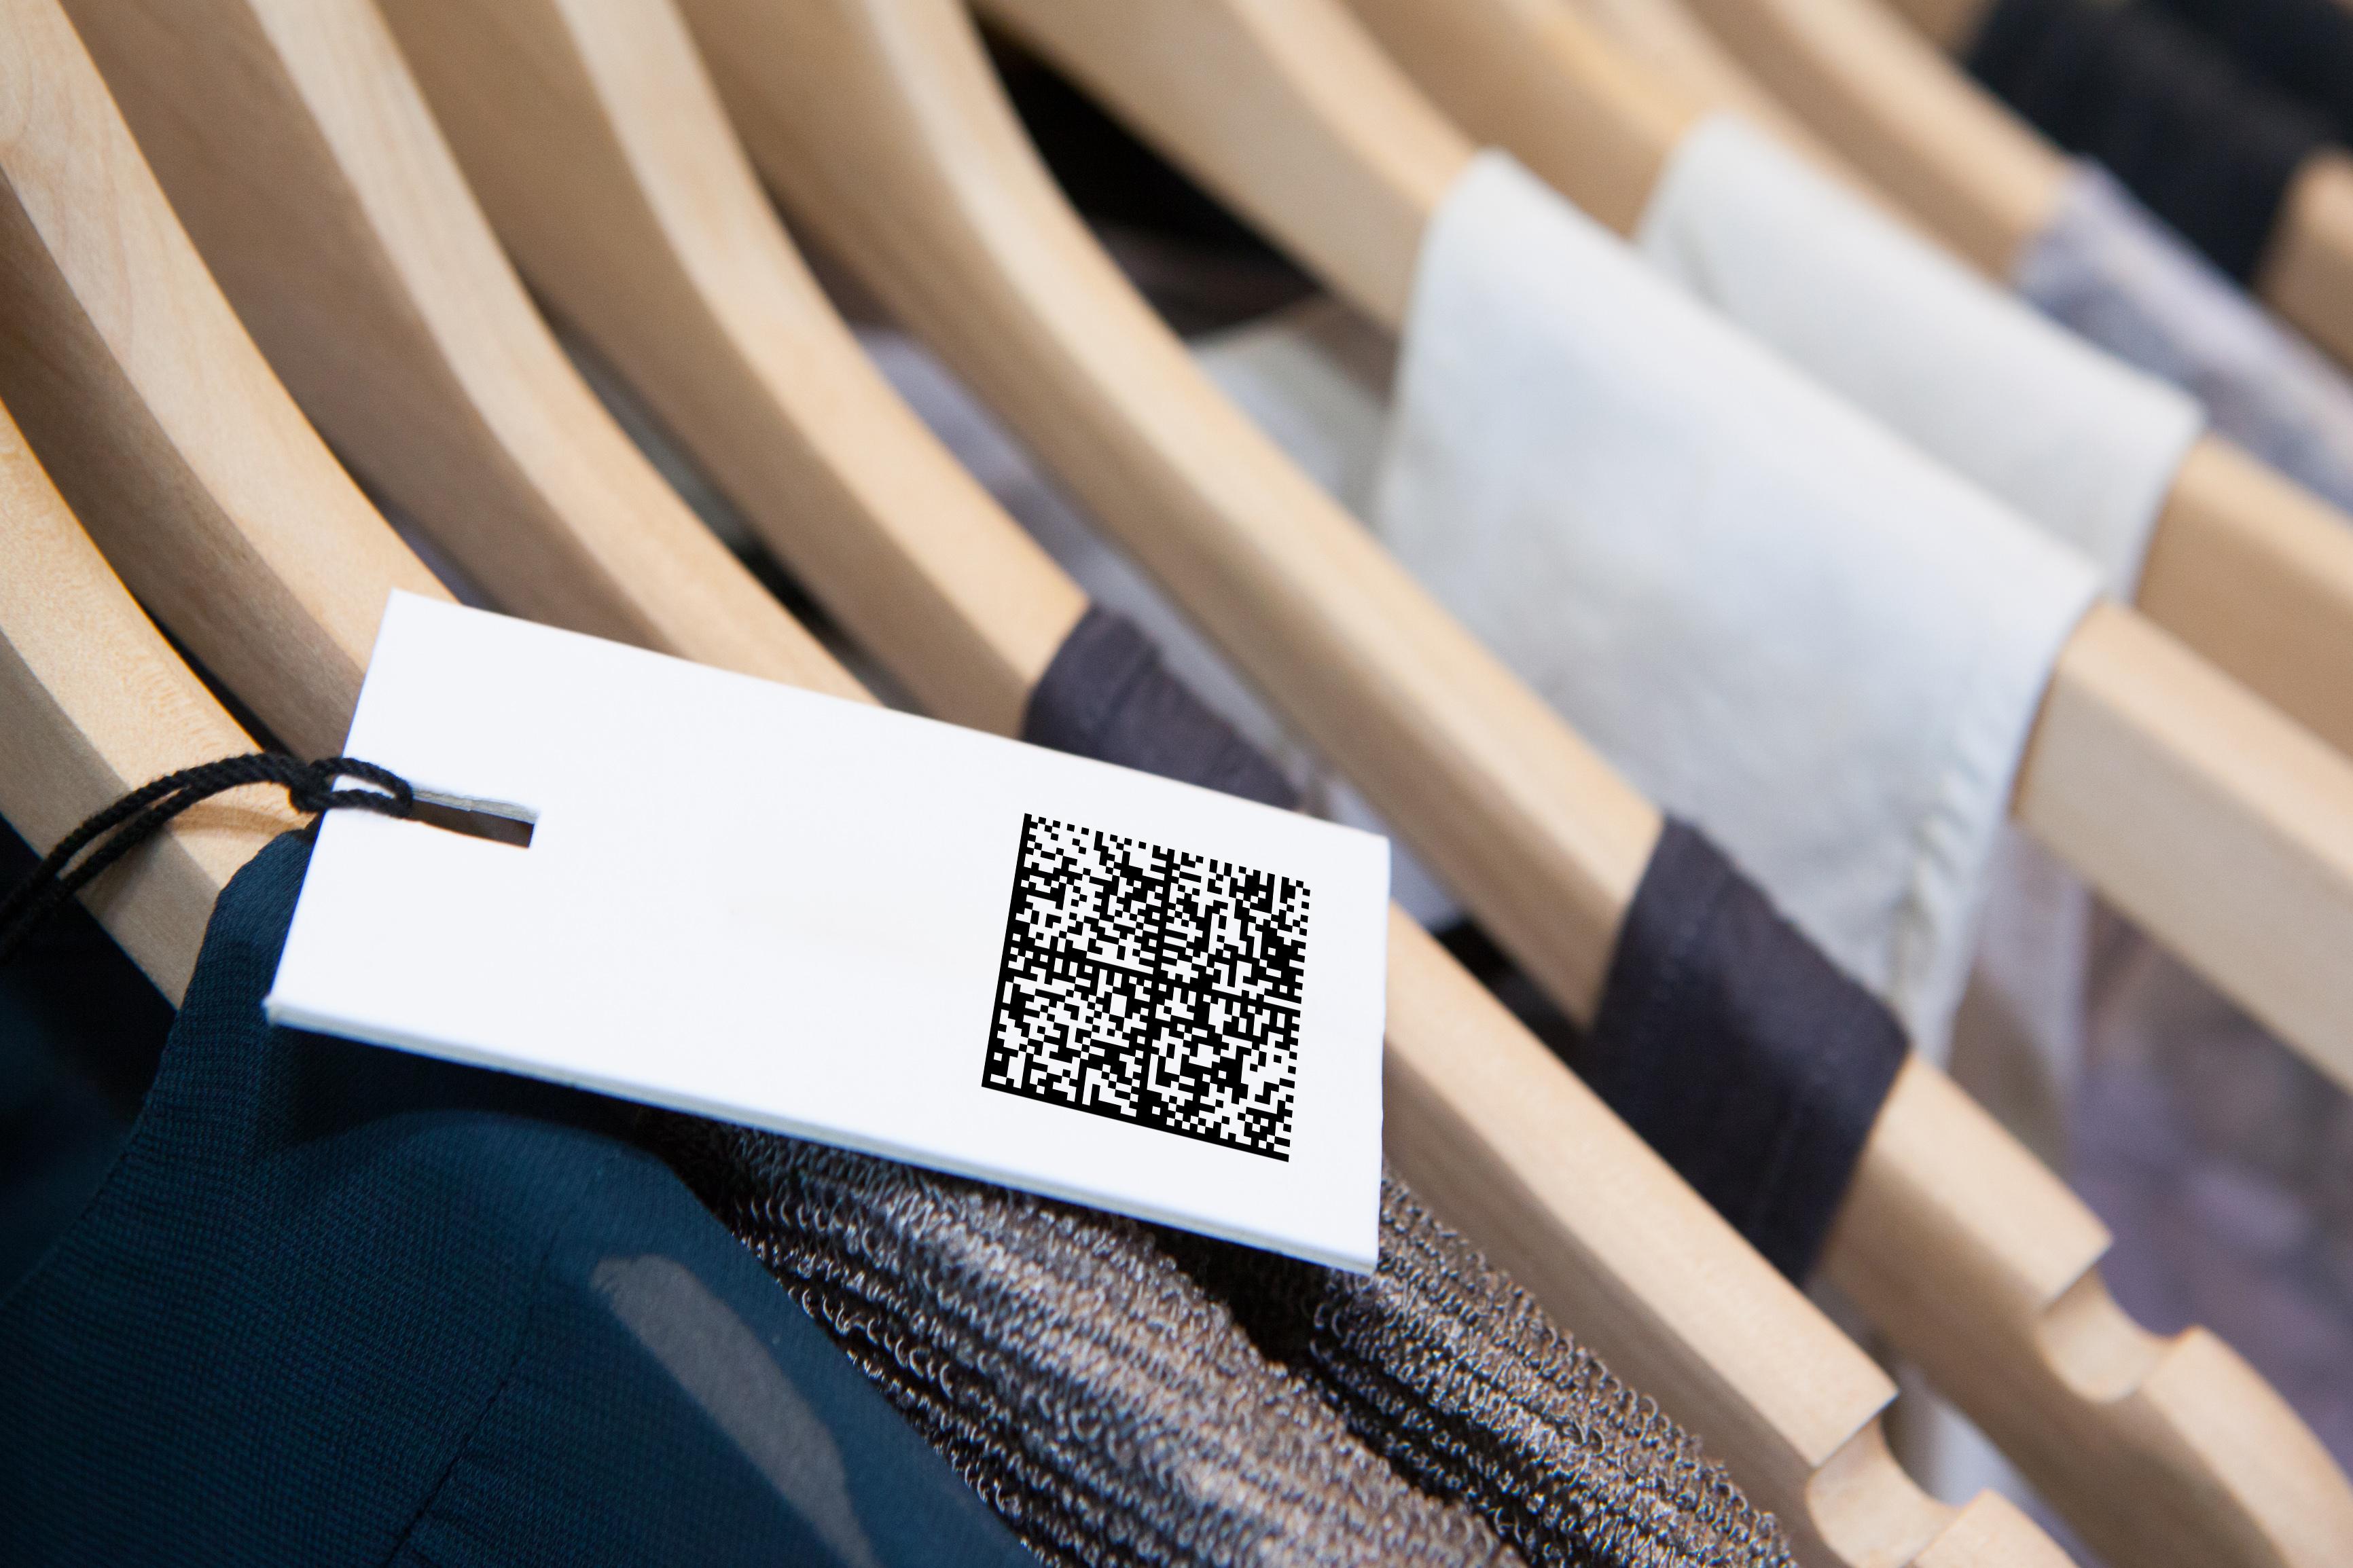 Обязательная маркировка одежды КИЗами